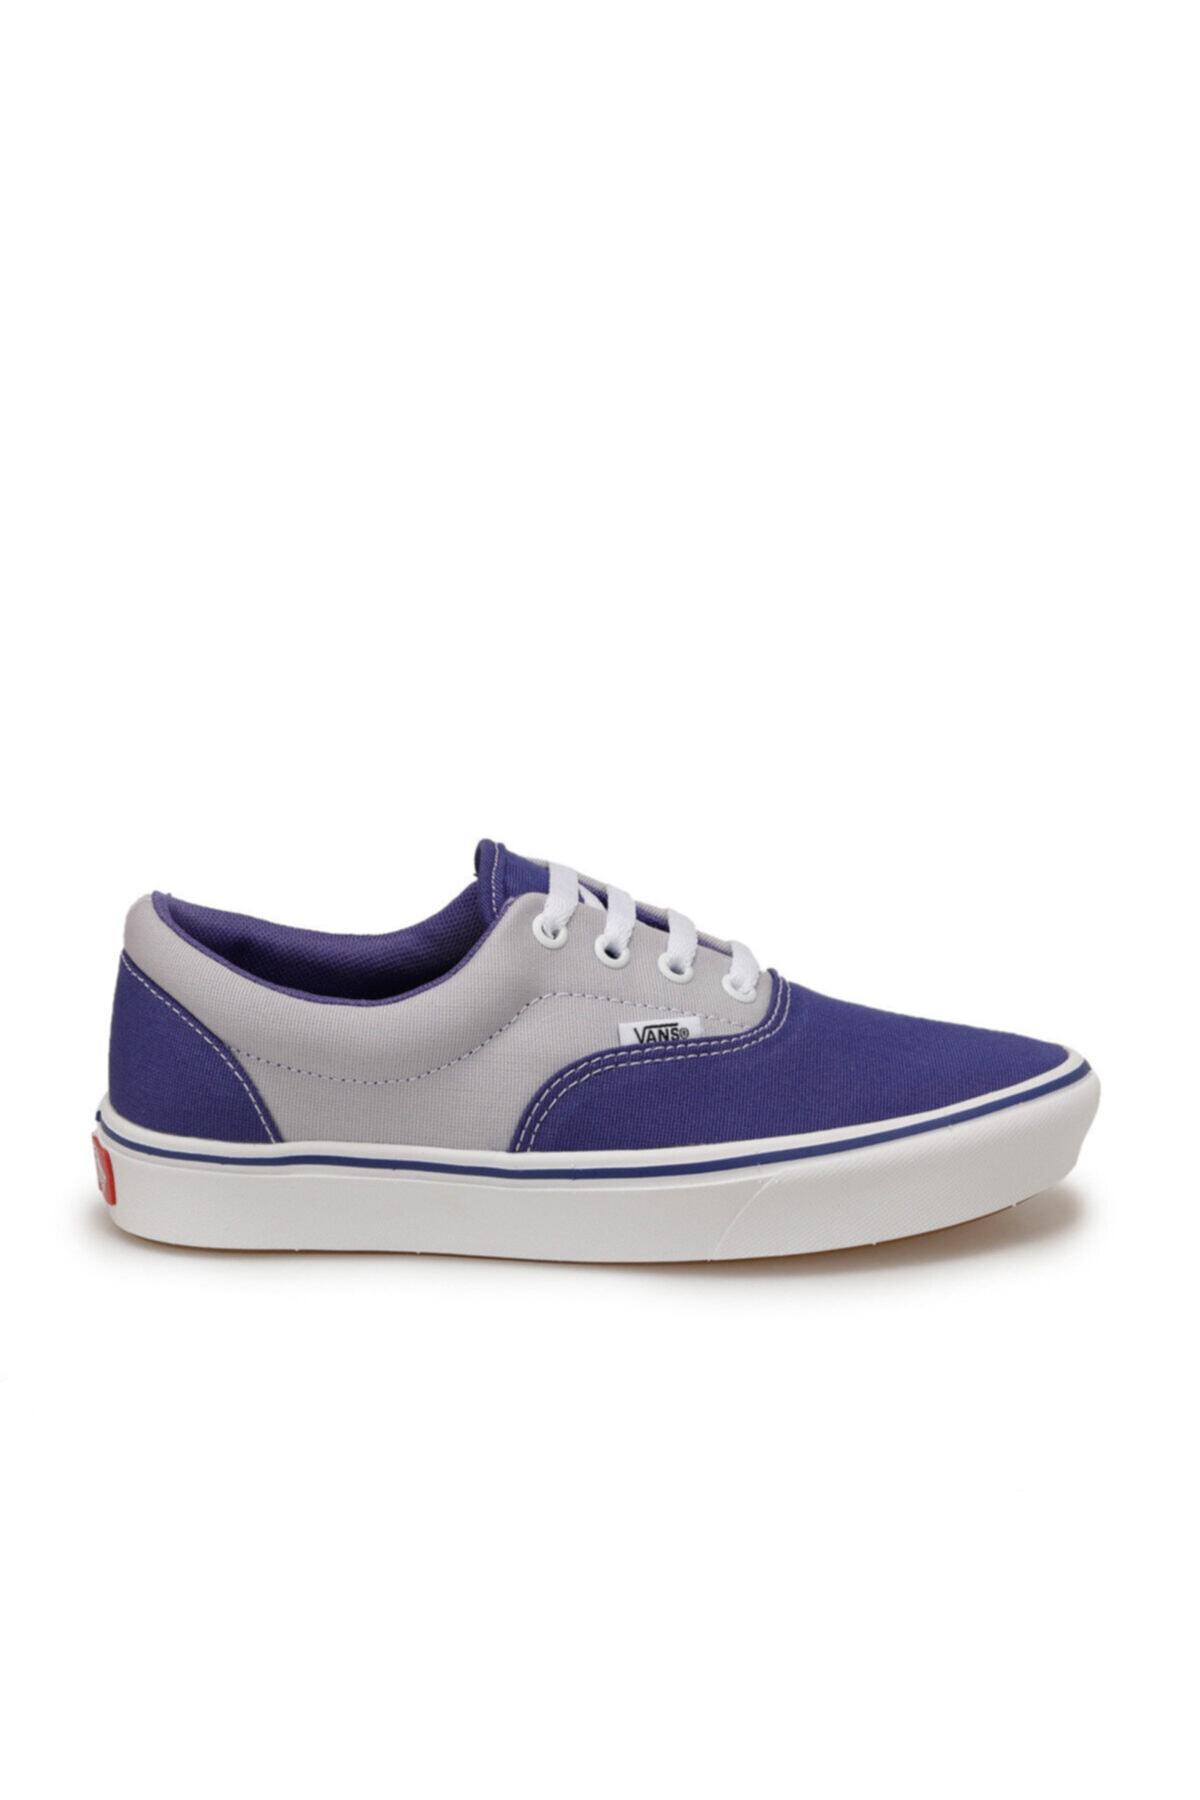 Vans UA COMFYCUSH ERA Mavi Erkek Kalın Tabanlı Sneaker 100583460 2